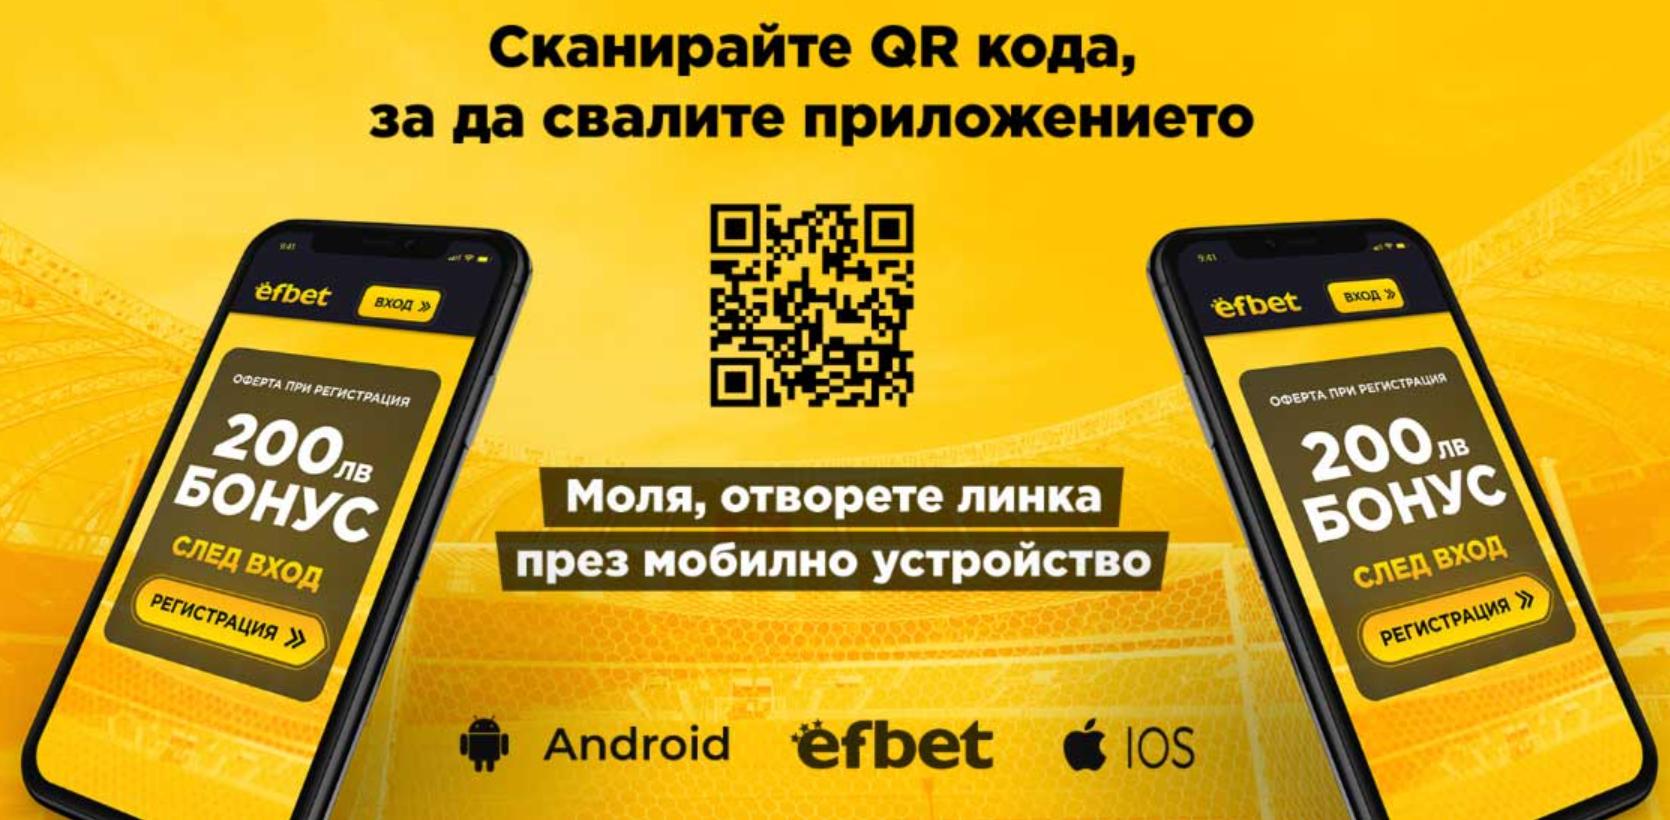 Efbet мобиле в България